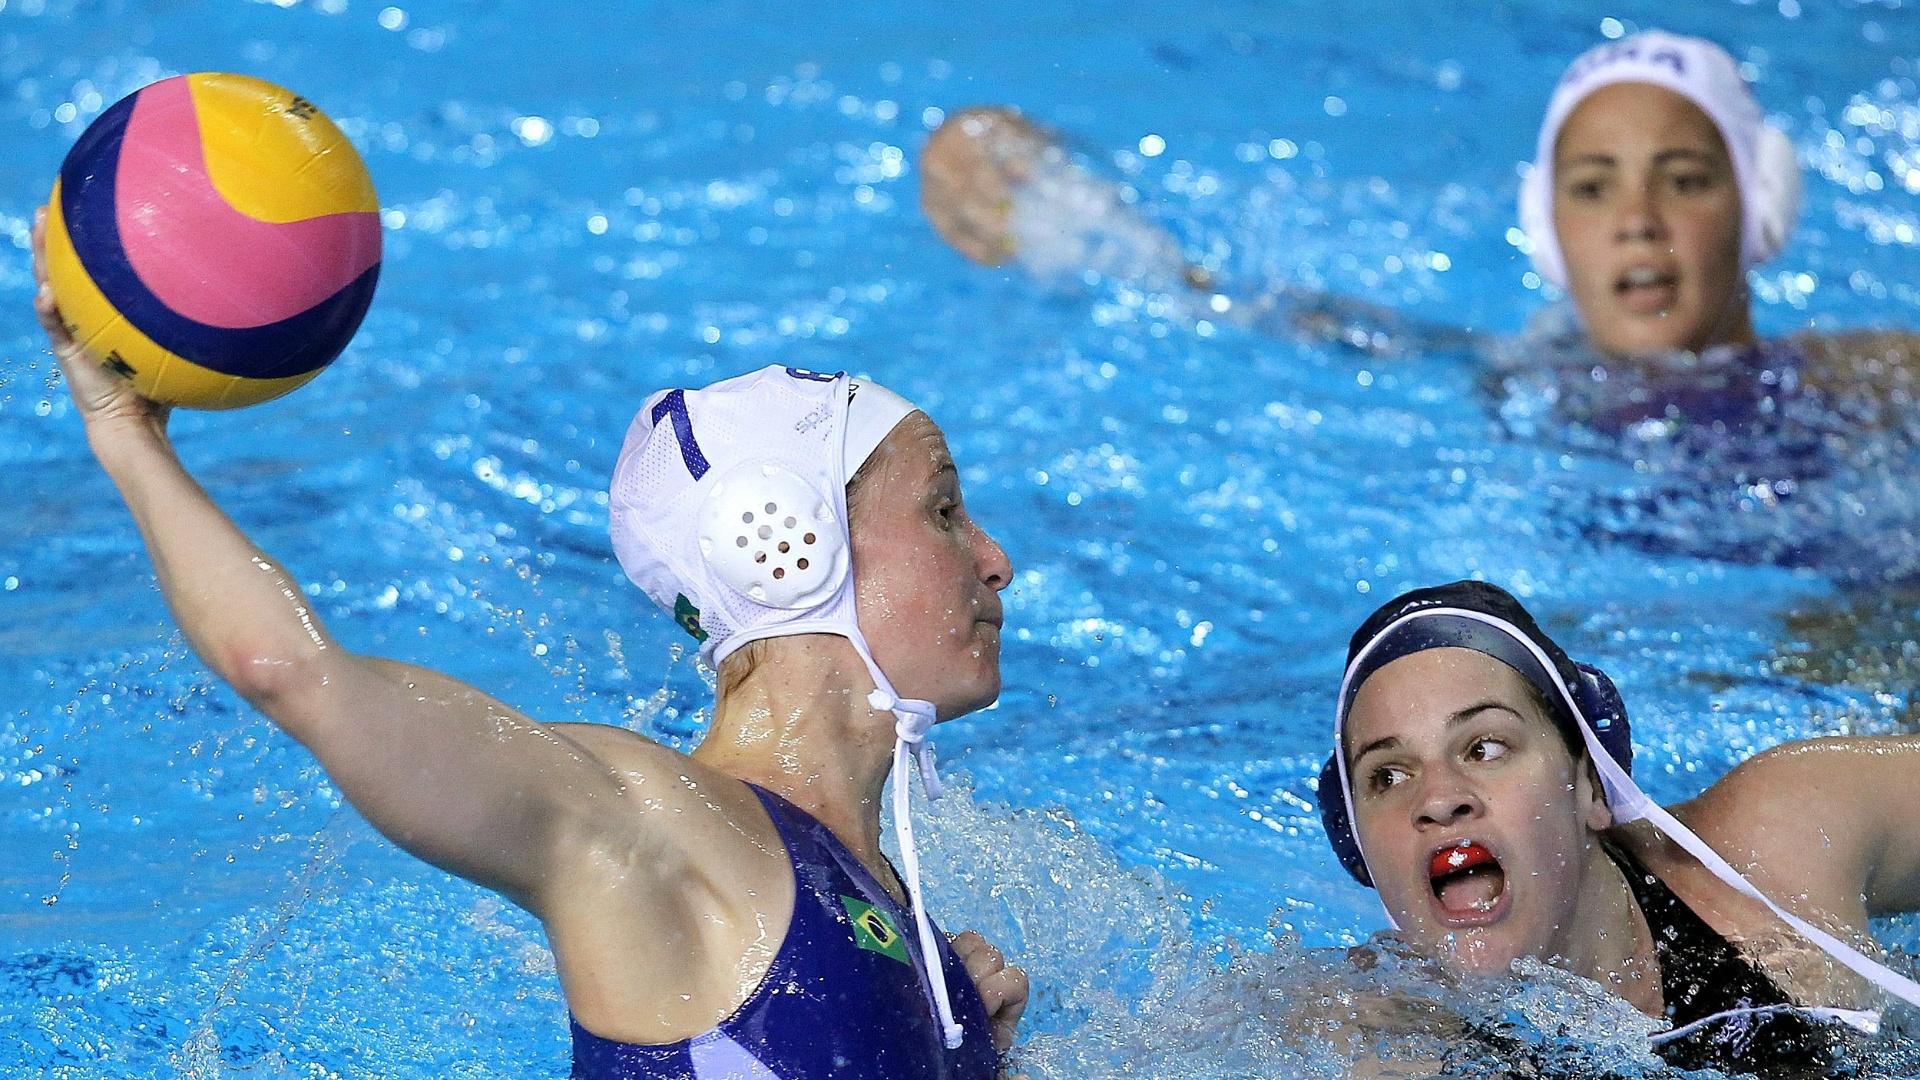 A brasileira Cristina Berr prepara arremesso, enquanto é observada pela rival canadense (24/10/2011)